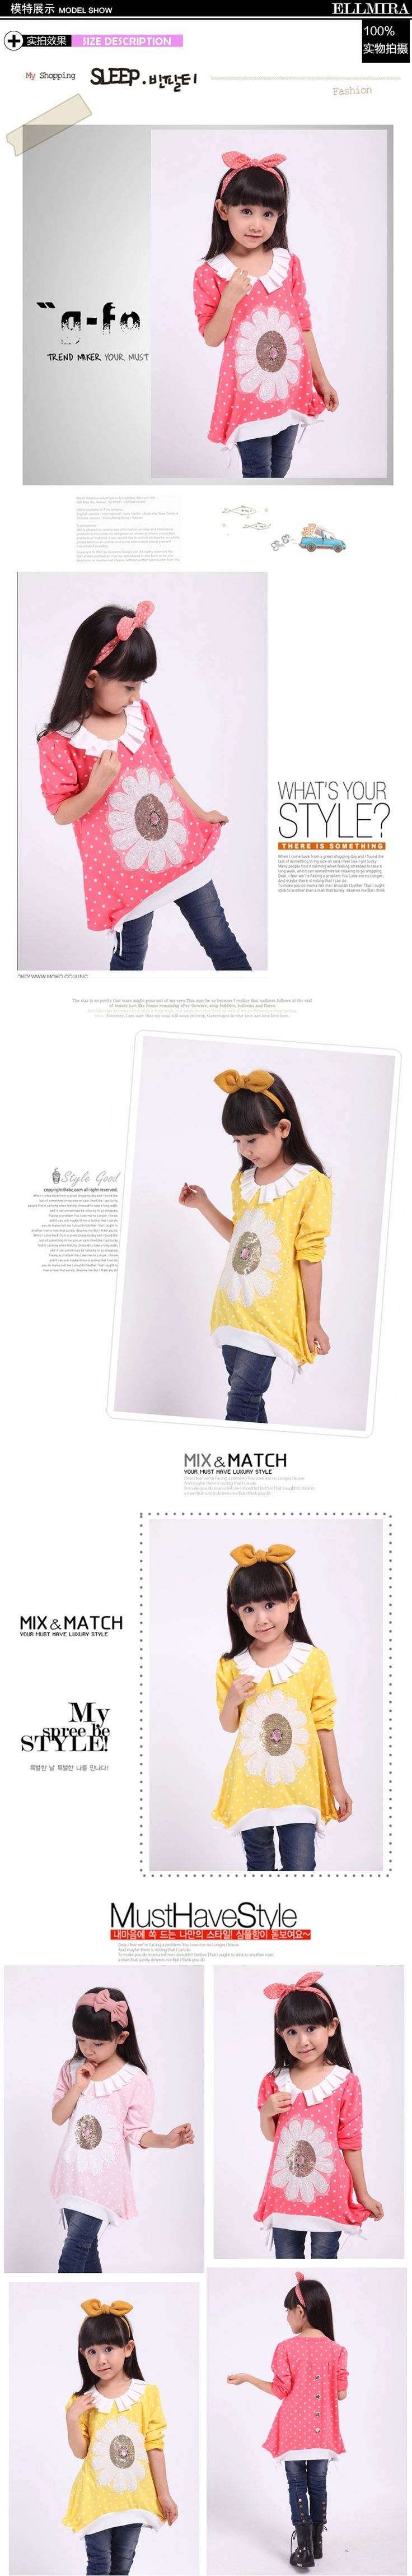 Kızlar gömlek pamuk T-shirt eski çocuk giyim üst 7-8-9-12 yıl 2015 yeni Kore dili sürümü -tmall.com Lynx dibe yayla